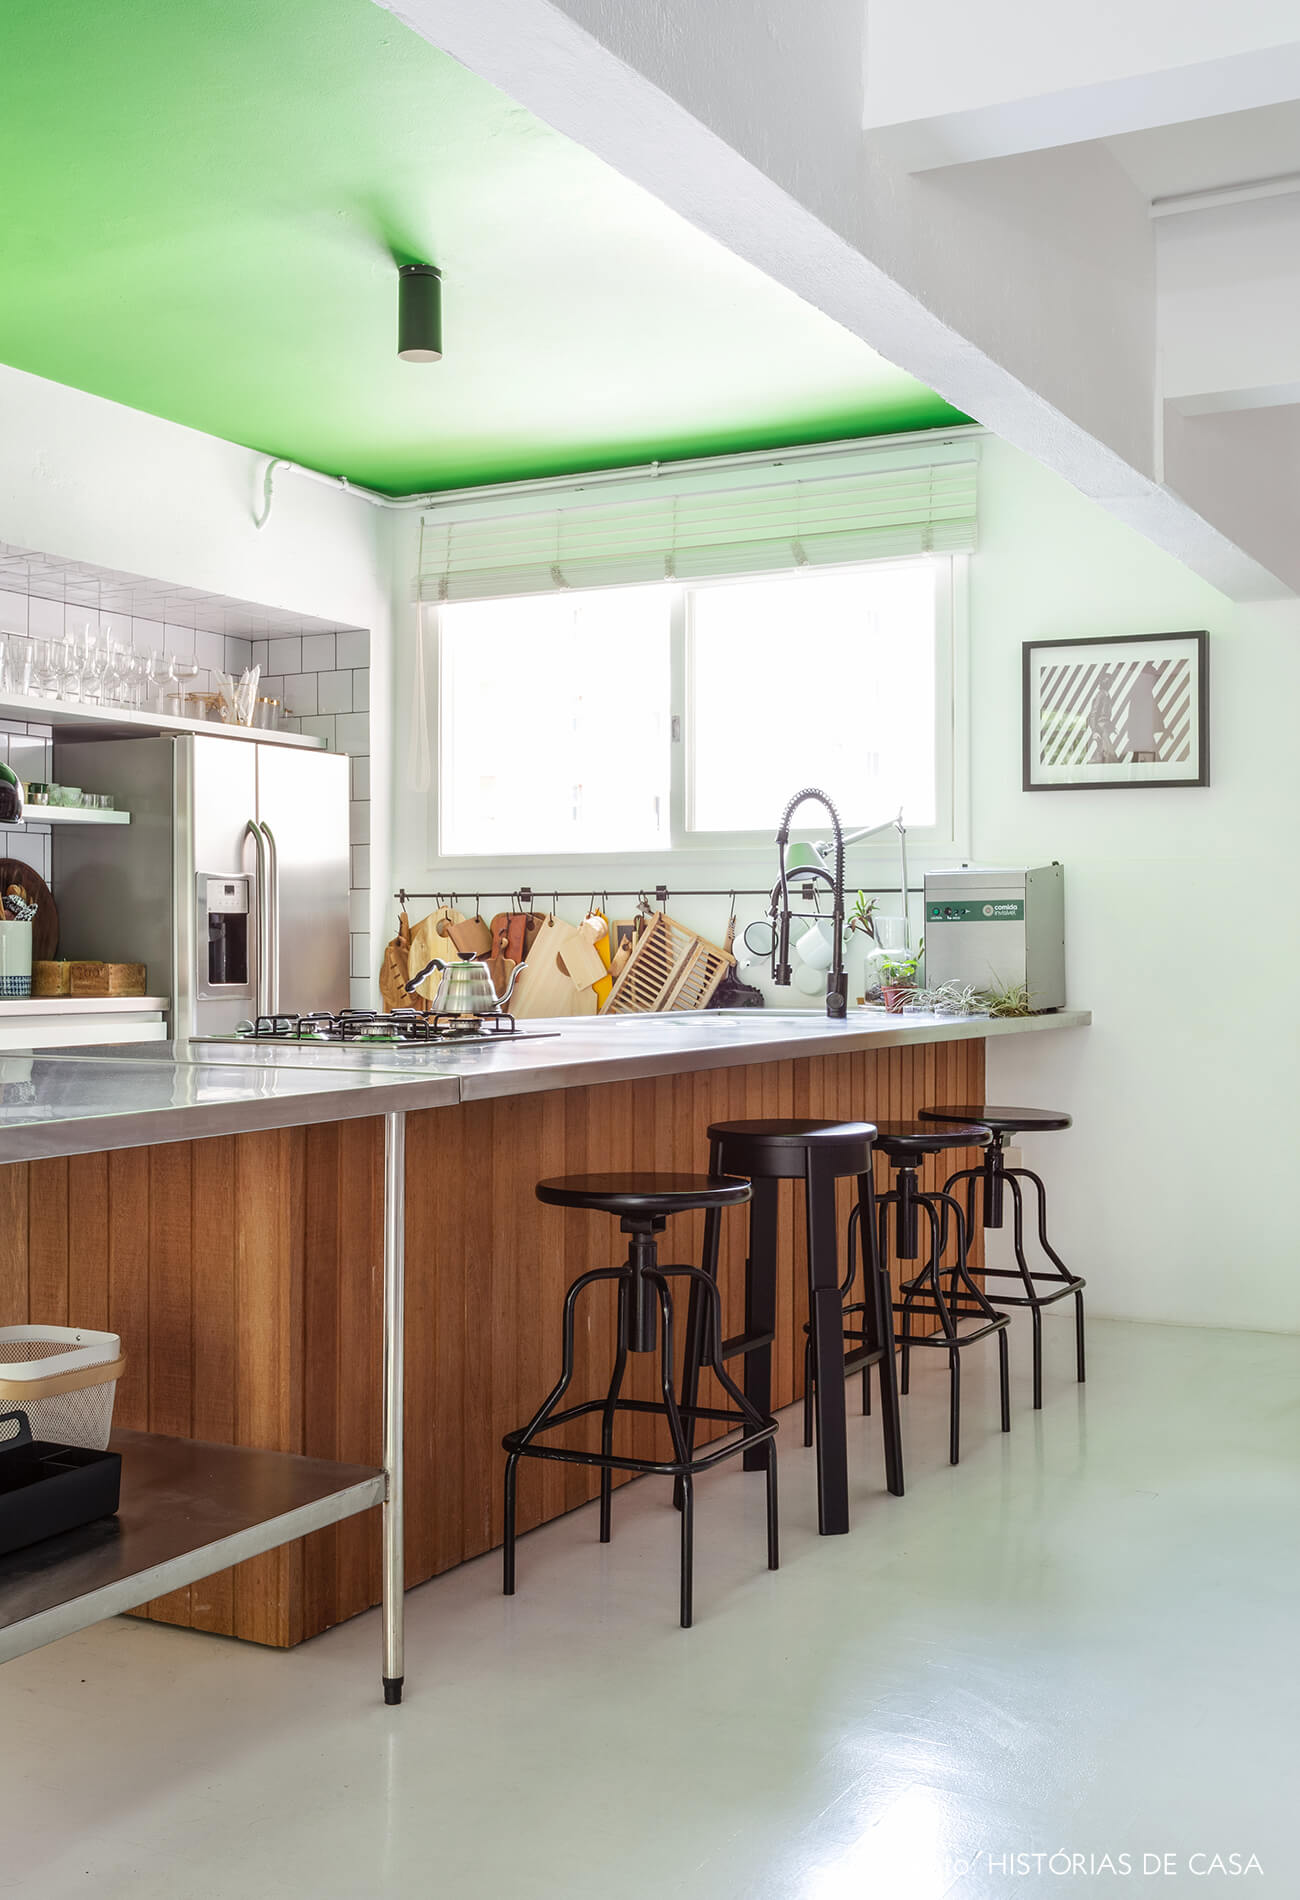 Apartamento do Maurício Arruda, cozinha com ilha de madeira e inox, e teto pintado de verde